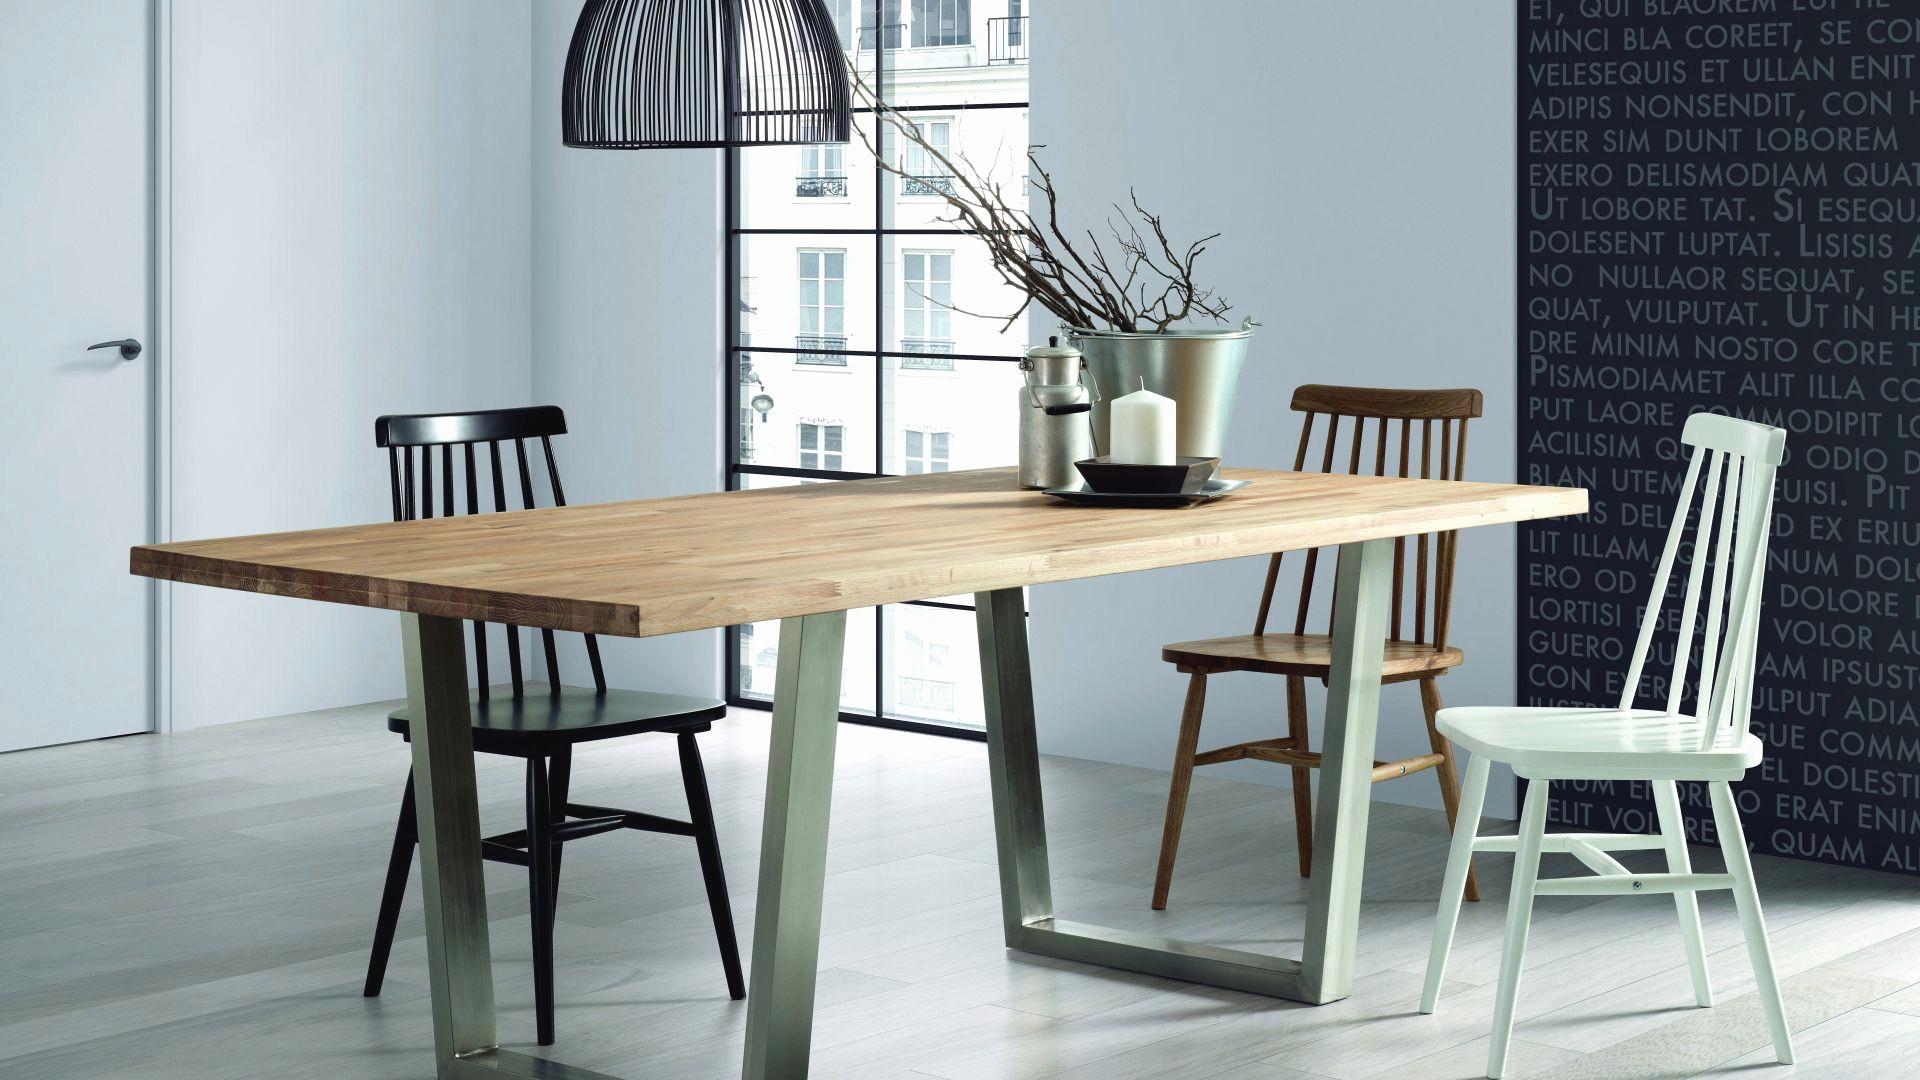 fabriquer un salon de jardin en bois inspire table basse en teck table jardin design lovely table basse jardin of fabriquer un salon de jardin en bois